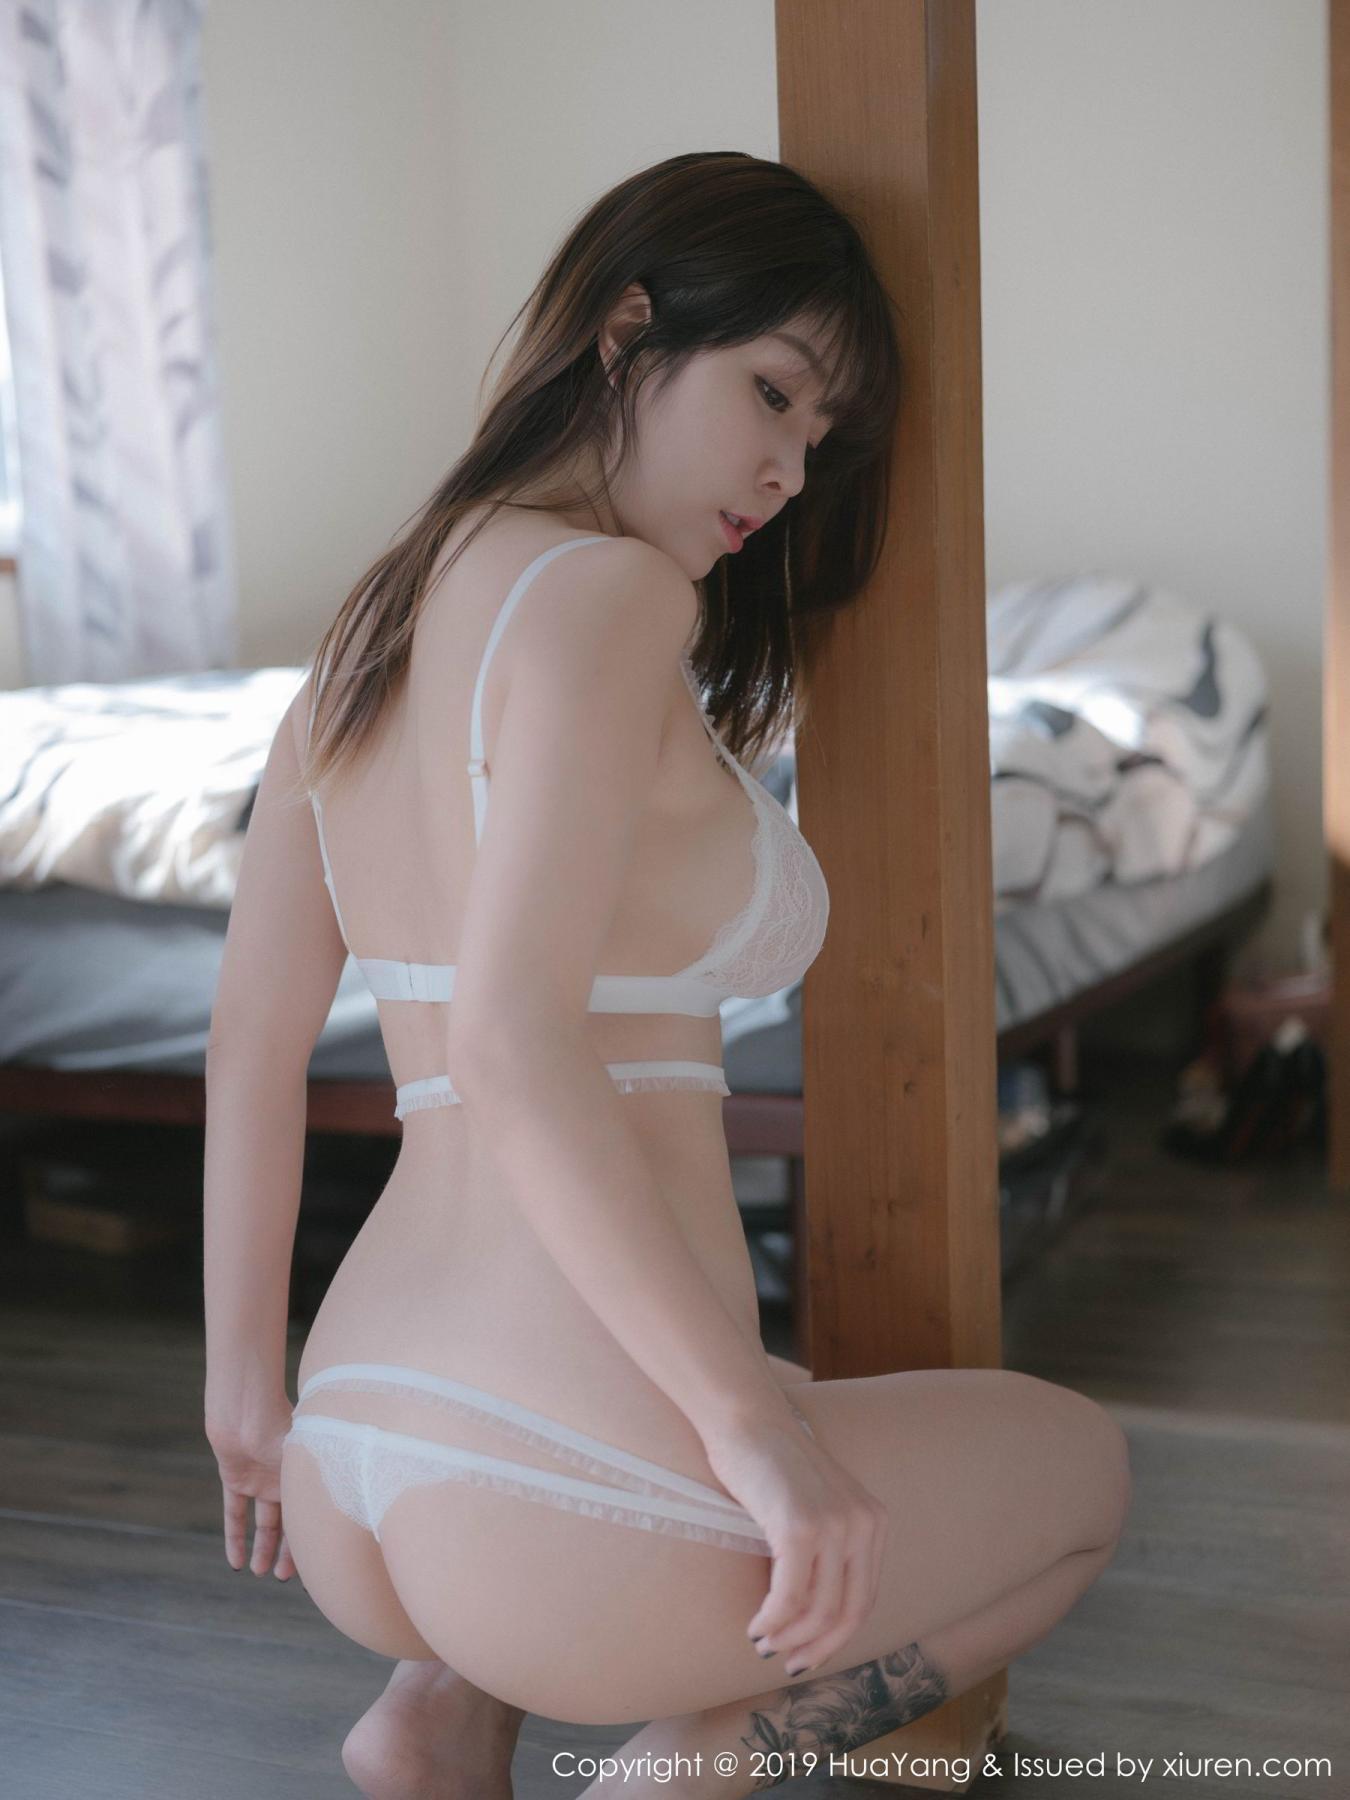 [Huayang] Vol.120 Wang Yu Chun 9P, Adult, Big Booty, HuaYang, Underwear, Wang Yu Chun